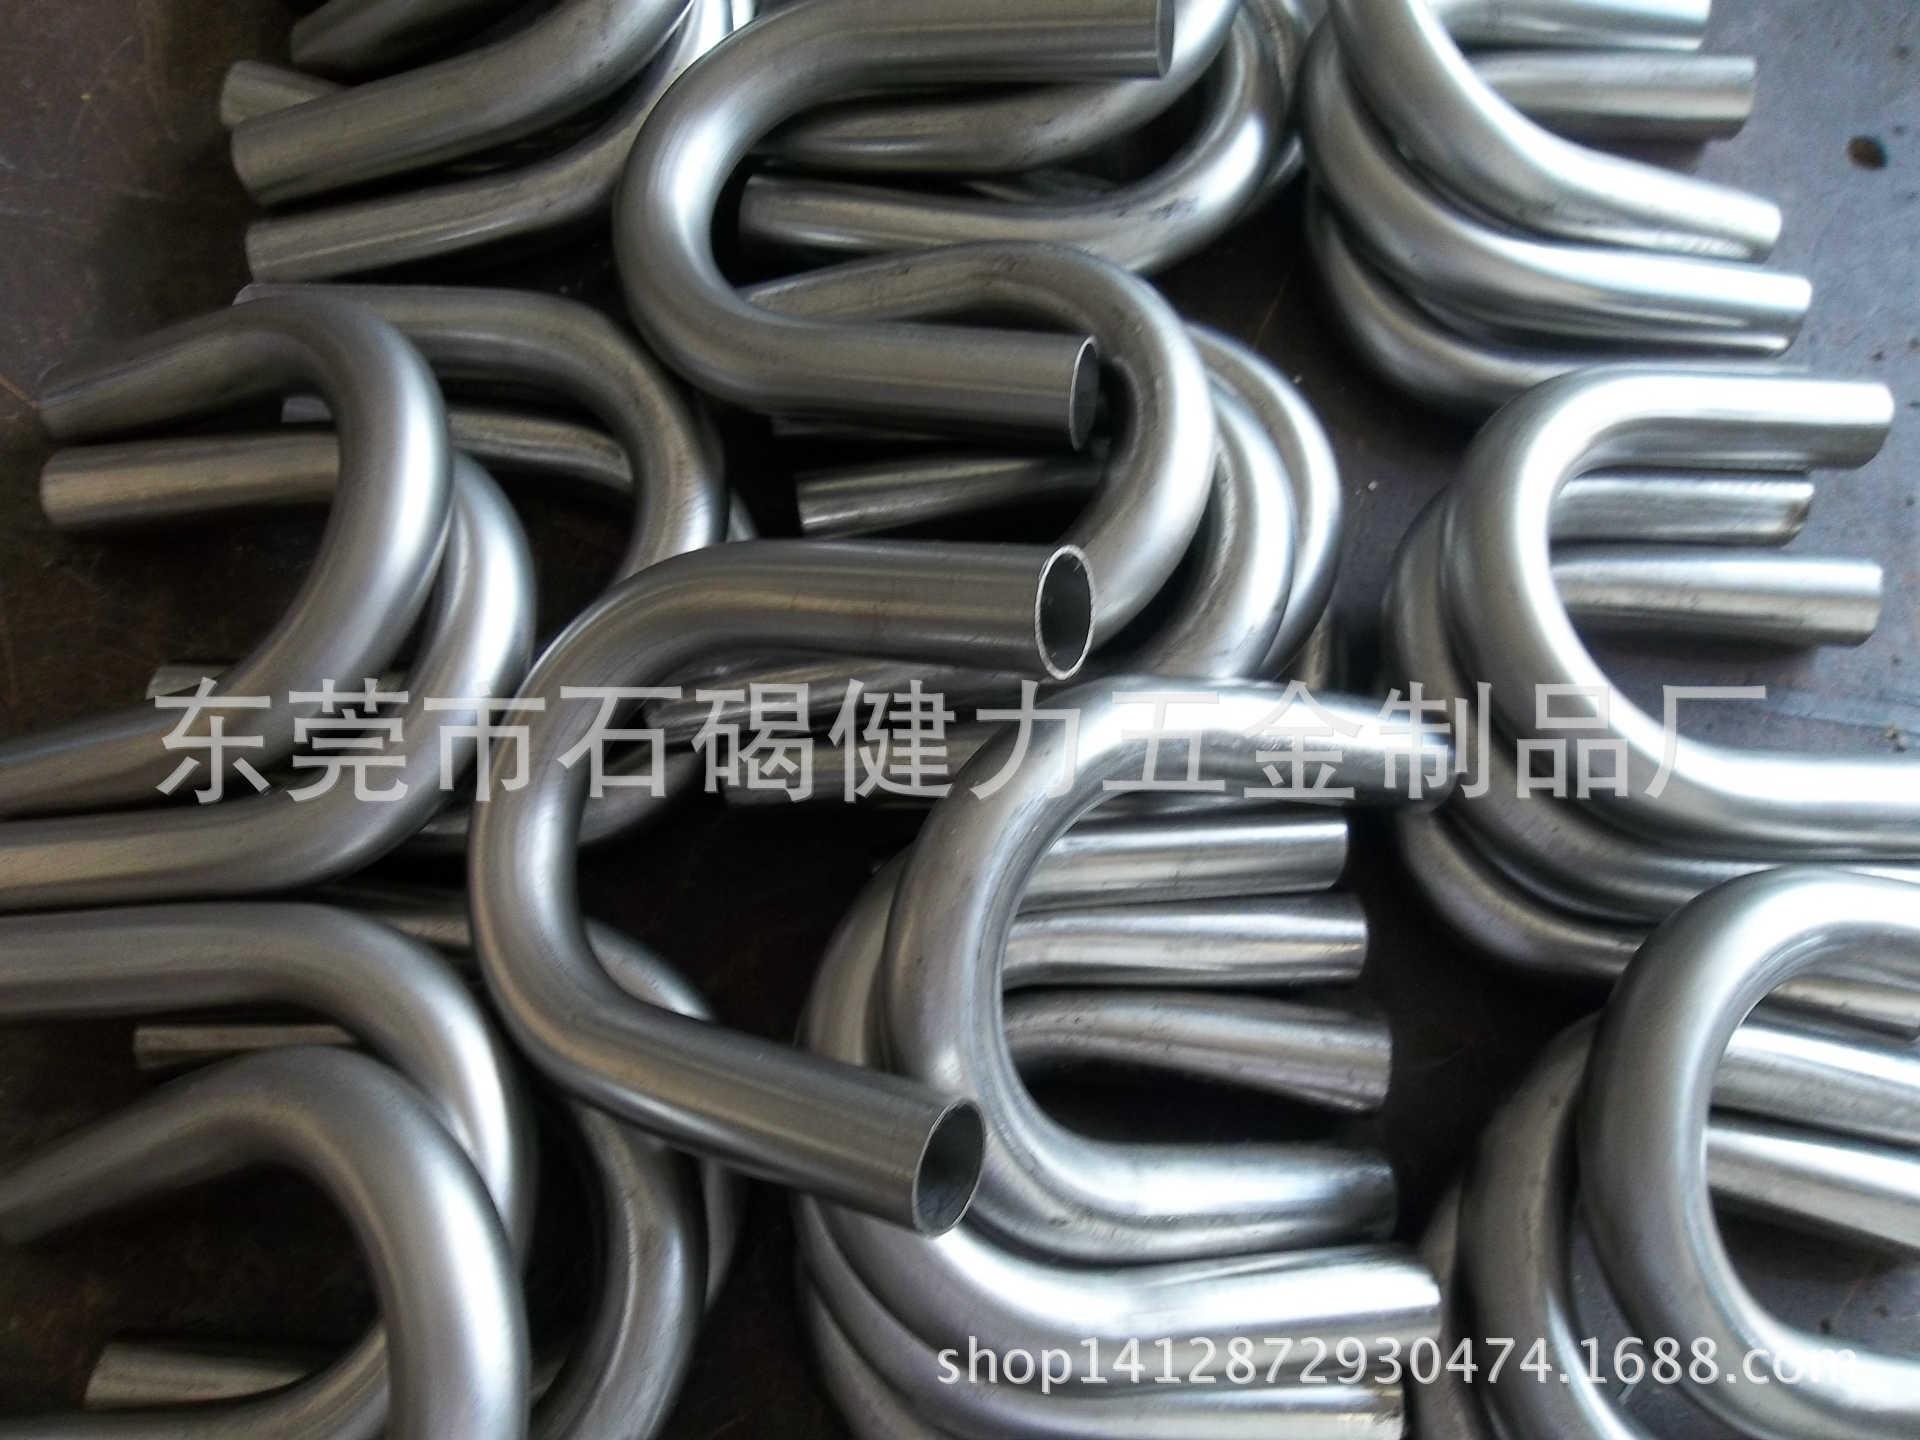 东莞市弯管加工厂,异形管,不锈钢异形管加工